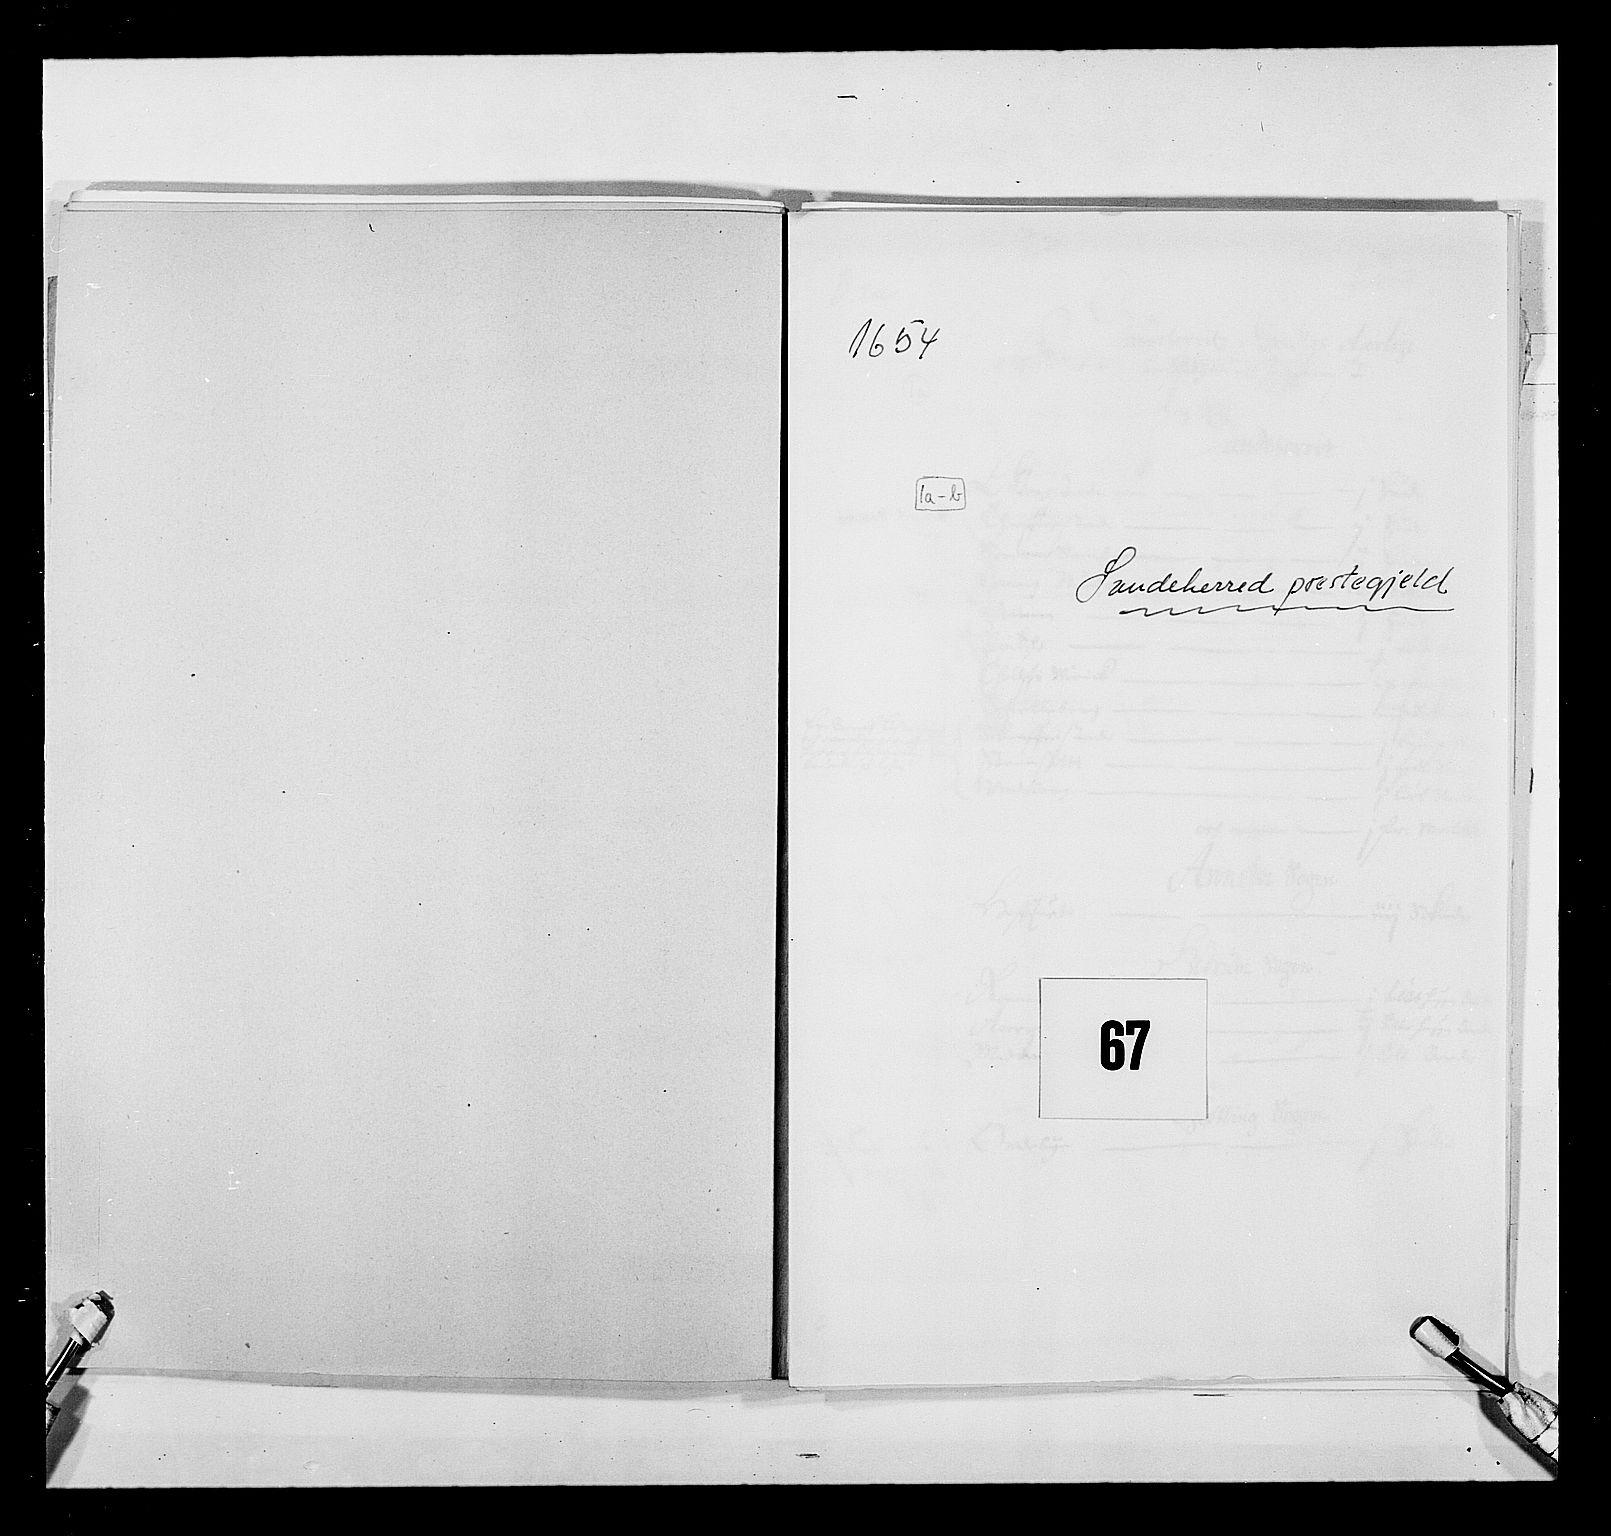 RA, Stattholderembetet 1572-1771, Ek/L0030: Jordebøker 1633-1658:, 1654, s. 313